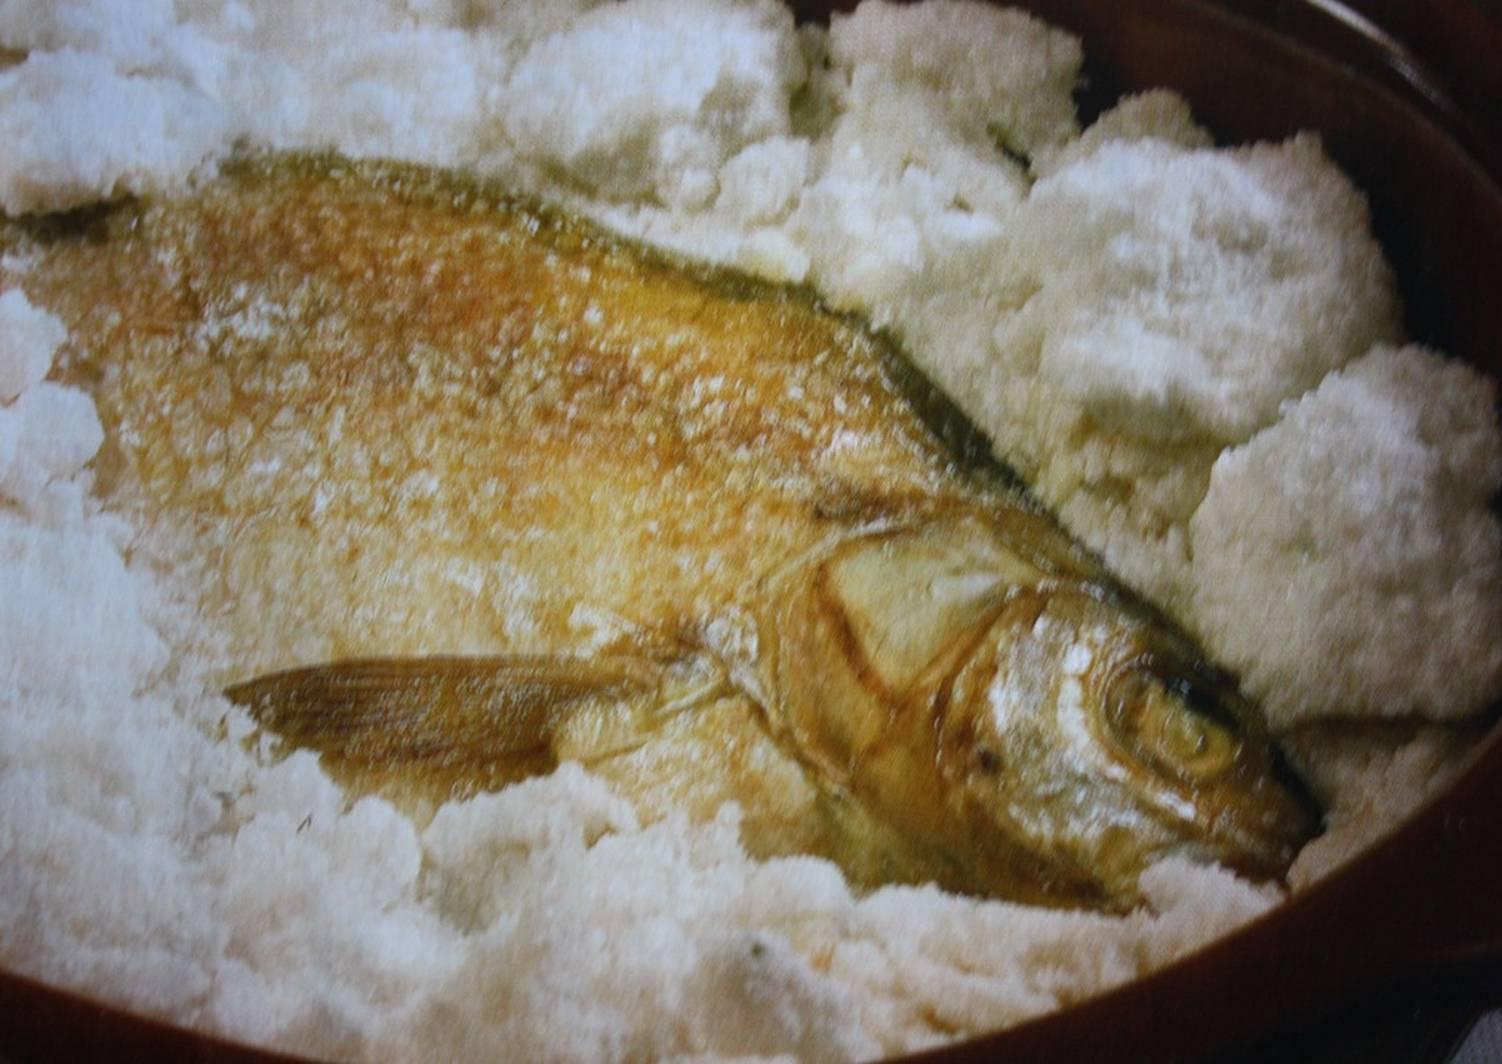 укоренение аглаонемы соленый лещ рецепт с фото как вылазить горячего